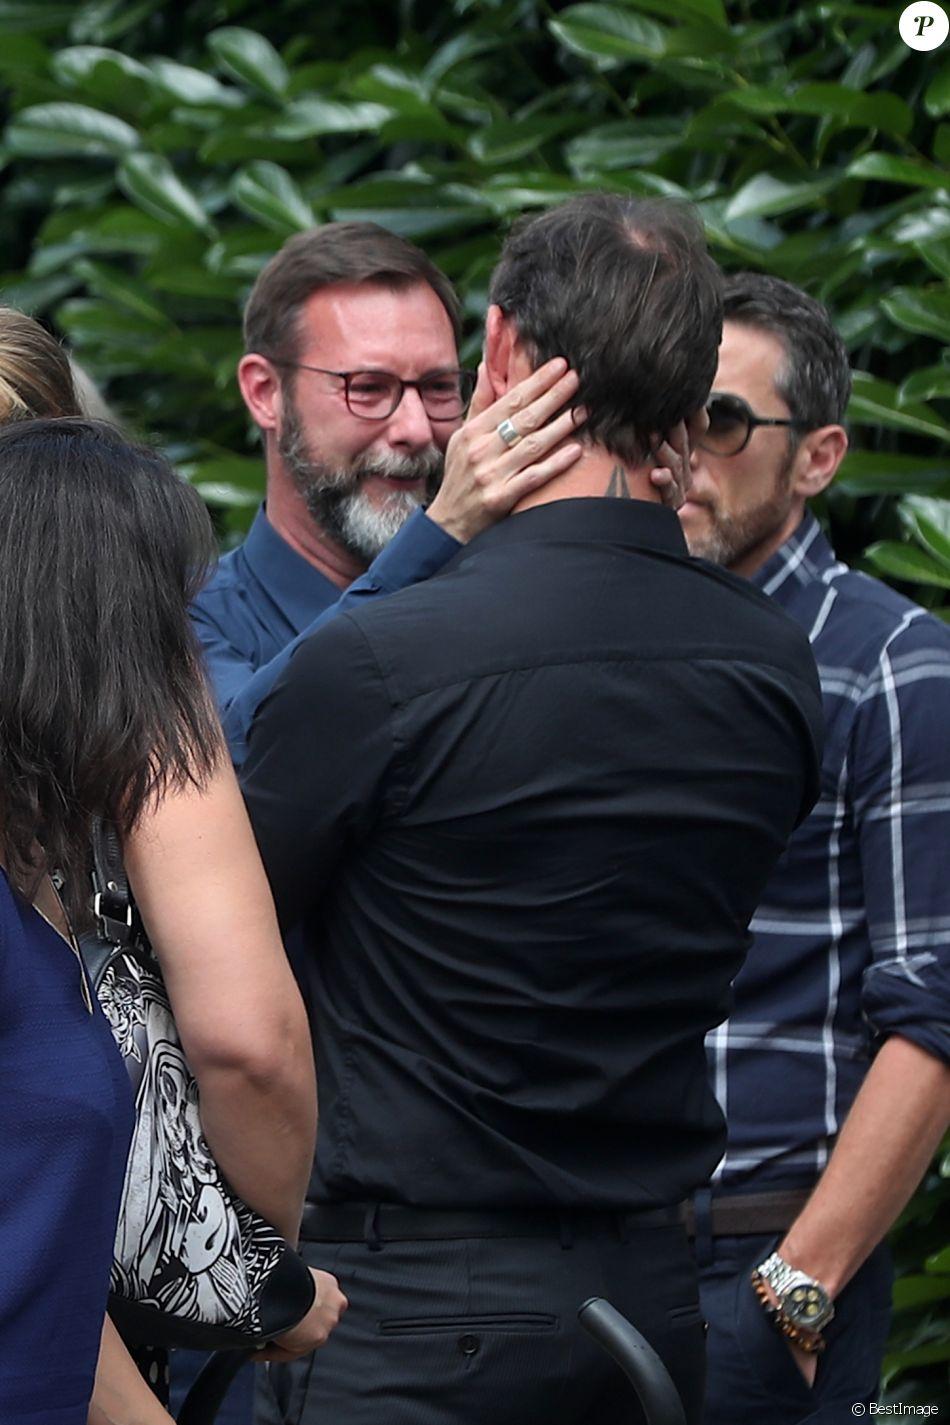 Wilfried Roux (fils de François Corbier) - Obsèques de François Corbier (Alain Roux de son vrai nom) au cimetière de Serez dans l'Eure le 5 juillet 2018.